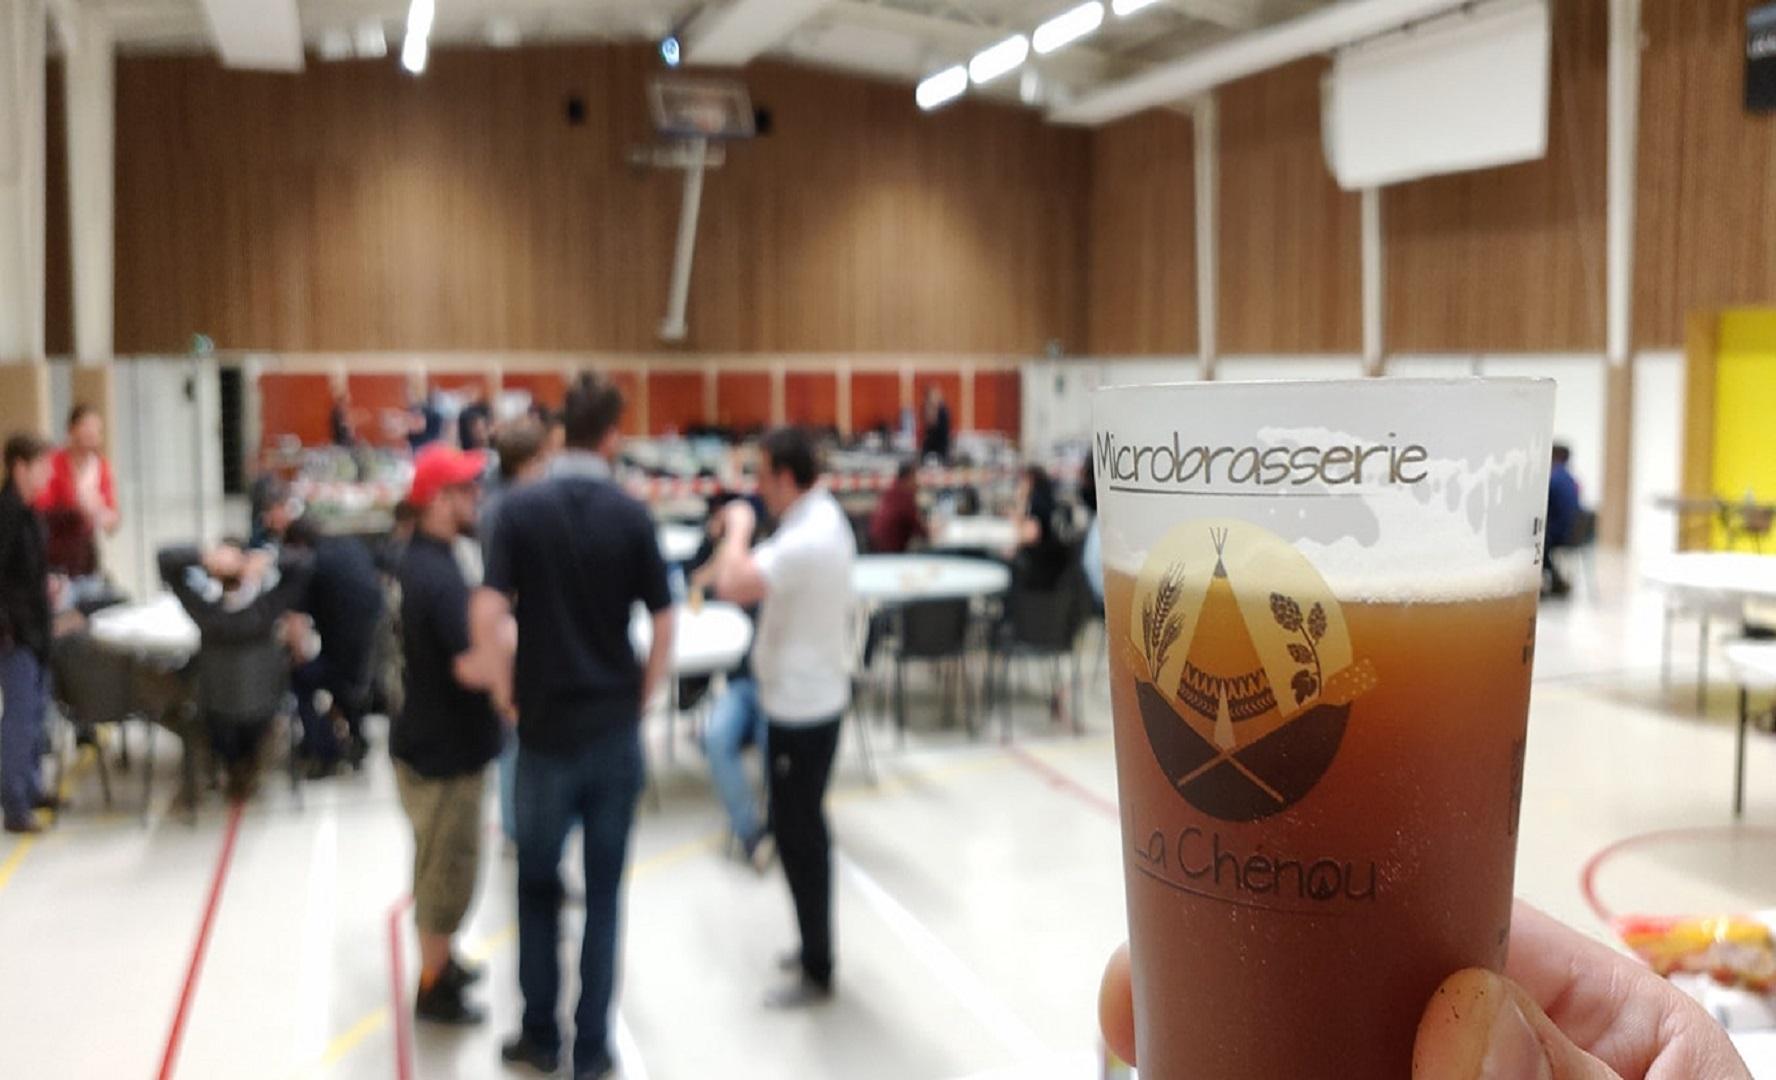 Microbrasserie La Chénou, Microbrasserie la chenou, microbrasserie lachenou, Microbrasserie Lyon, Microbrasserie artisanale Lyon, Bar à bière Lyon, Bar a biere Lyon, Bar à bières Lyon, Bar a bières Lyon, Orliénas, Orlienas, artisan Orliénas, bar Brignais, bar Orliénas, bar Mornant, bar St Laurent d'agny, bar Soucieux en Jarez, location tireuse Lyon, location tireuse a biere Lyon, location tireuse à bière Lyon, faire sa bière Lyon, brasser sa bière Lyon, faire sa biere Lyon, brasser sa biere Lyon, brasserie artisanale Lyon, brasserie Lyon, magasin biere Lyon, magasin bière Lyon, magasin bières Lyon, cave à bières Lyon, cave à bière Lyon, cave a bieres Lyon, cave a biere Lyon